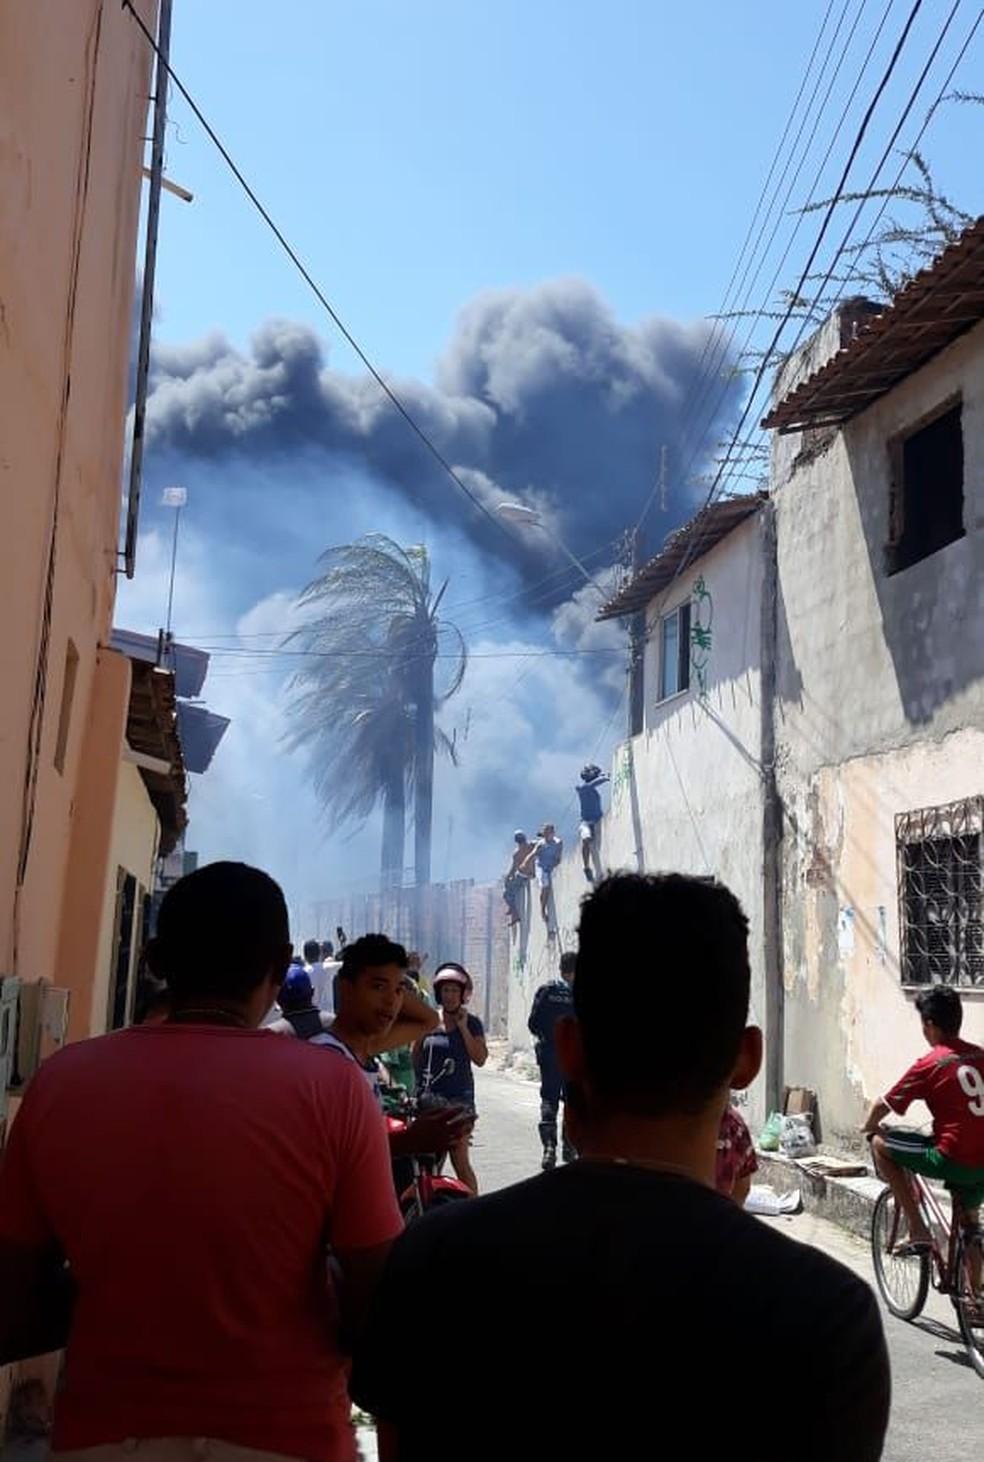 7d73e38a5 Foto: Incêndio atinge fábrica de roupas no Bairro Henrique Jorge, em  Fortaleza. — Foto: